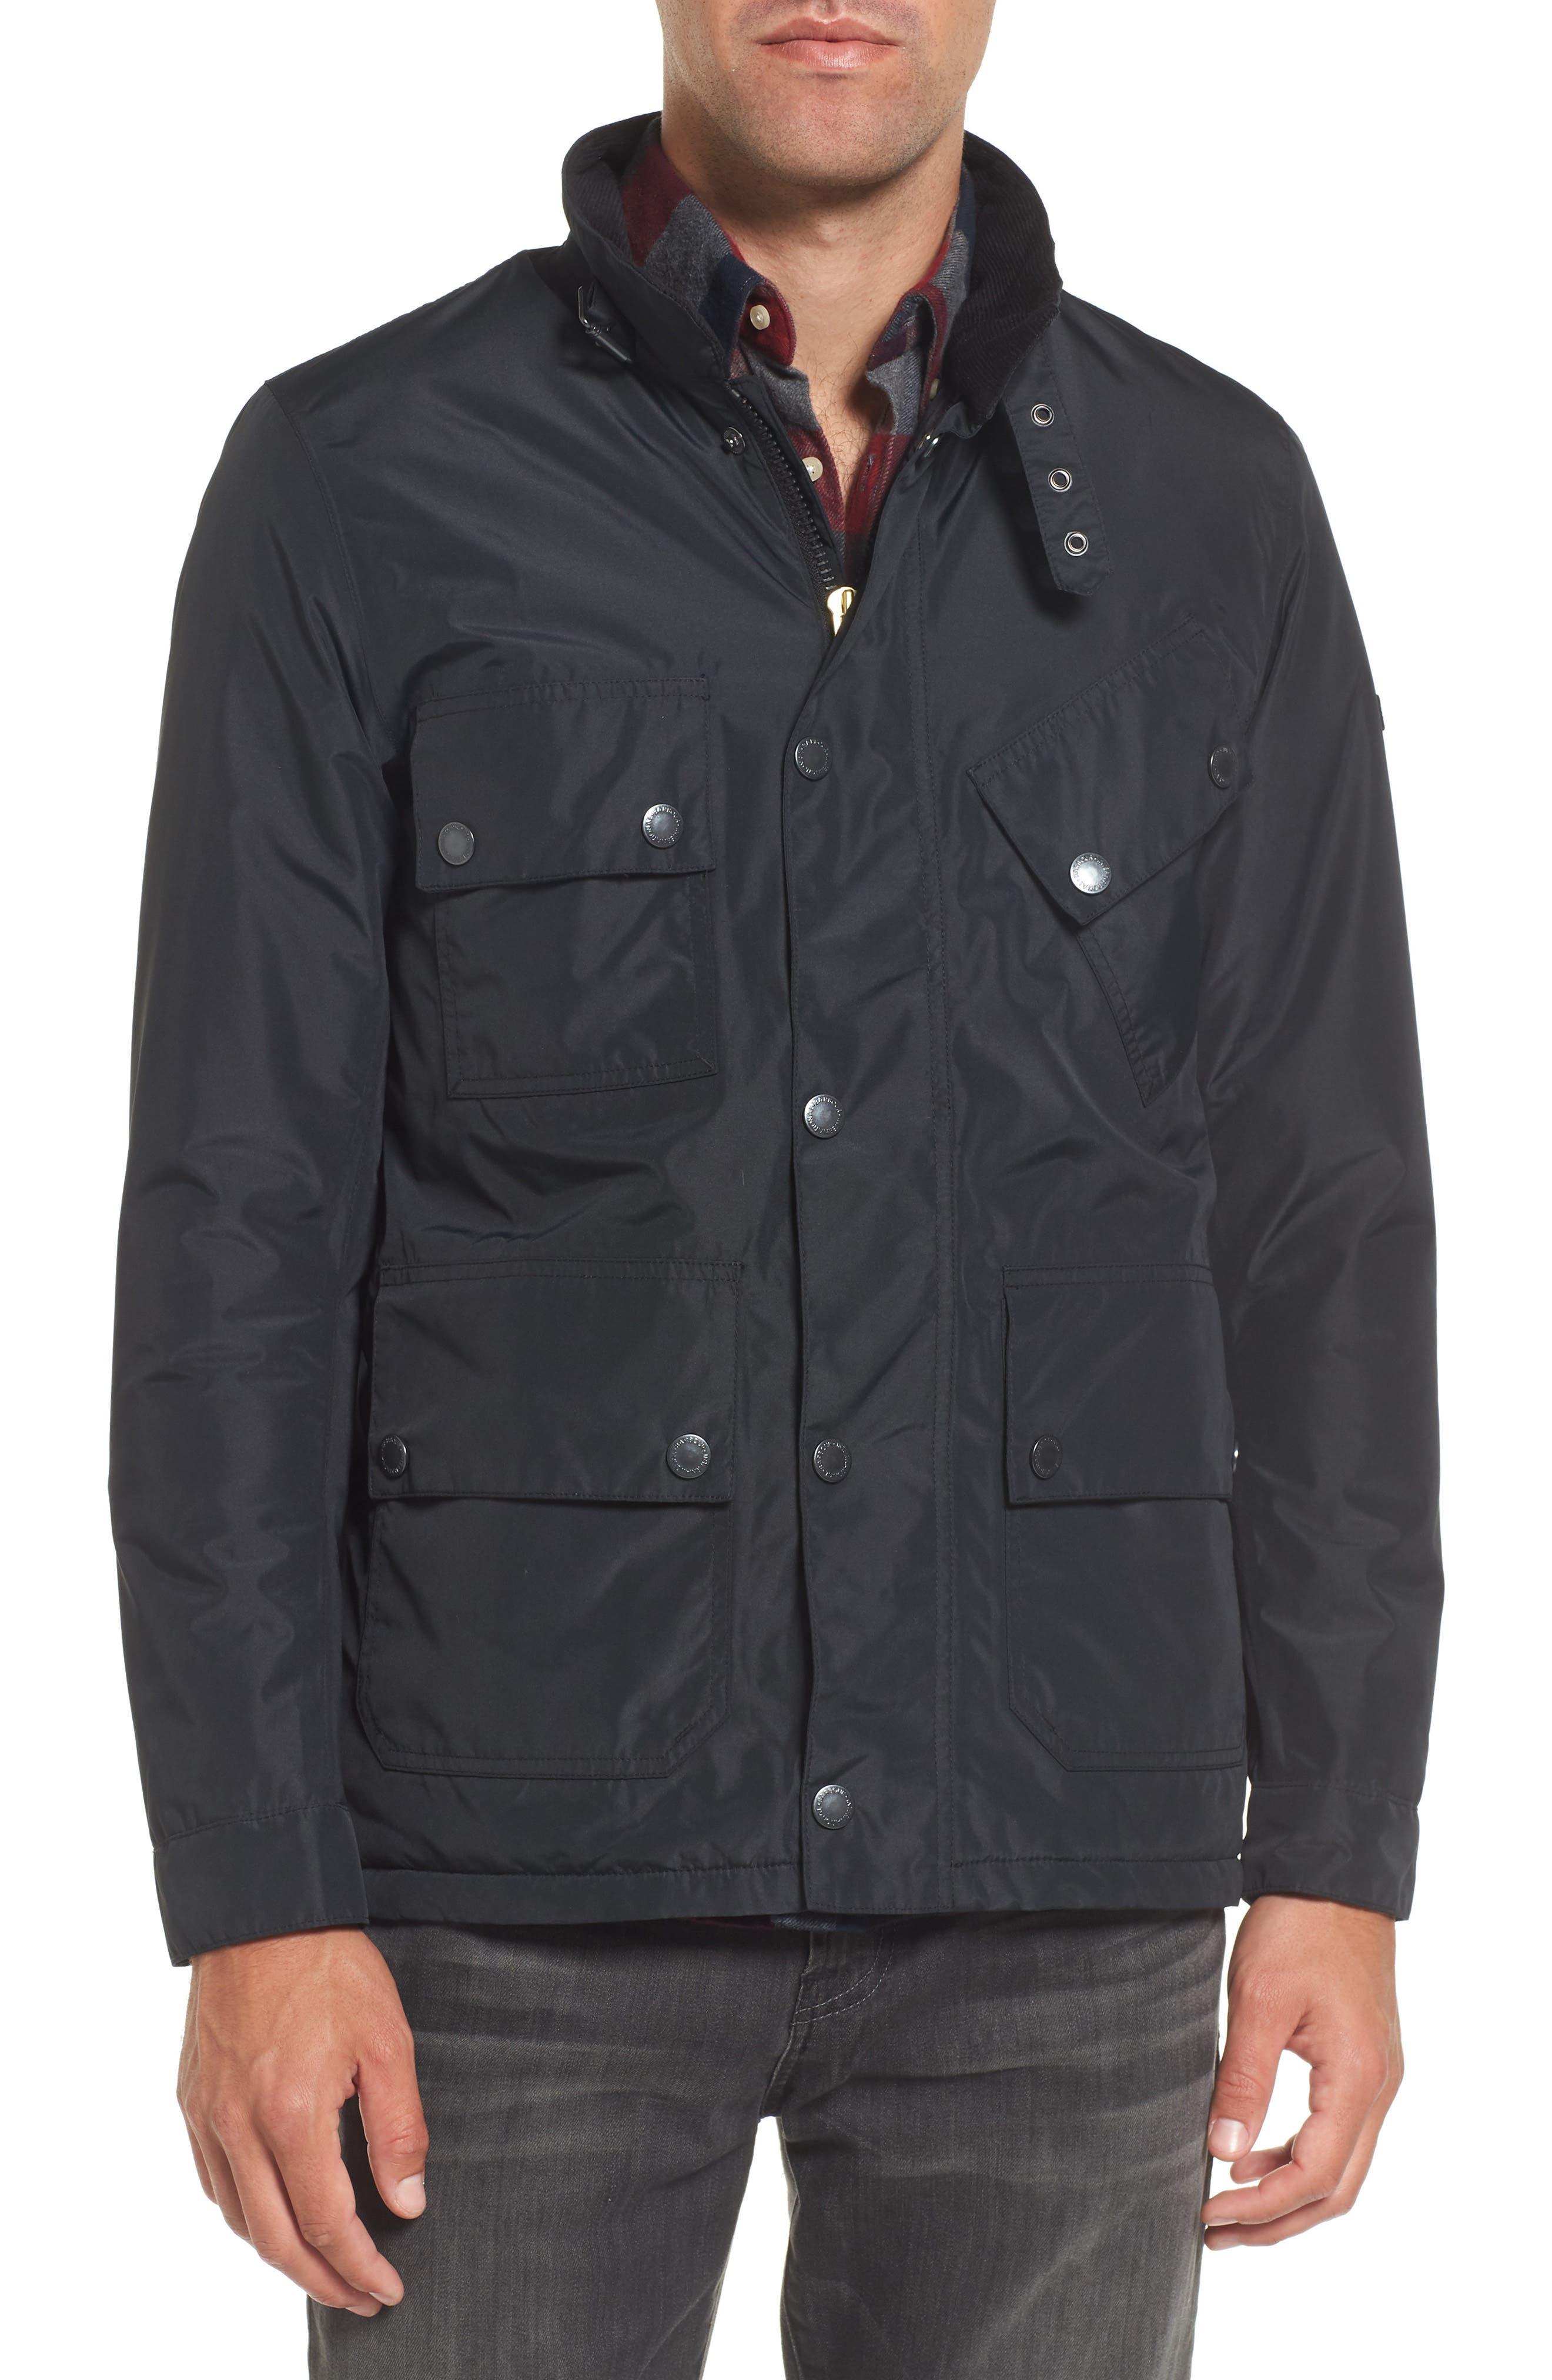 B.Intl Tyne Waterproof Jacket,                             Alternate thumbnail 4, color,                             001